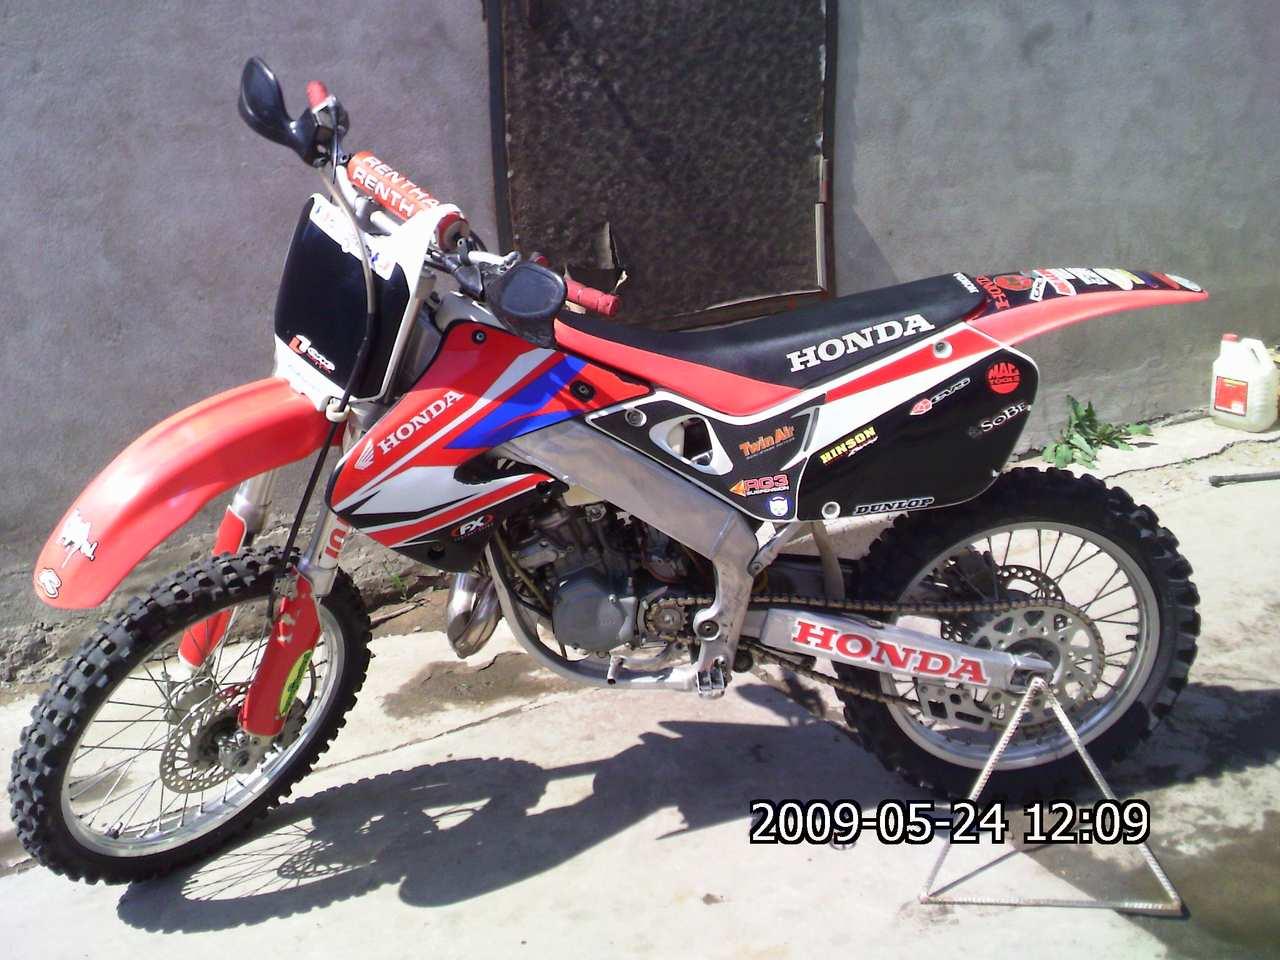 Used 2000 Honda Crm Photos 125cc For Sale